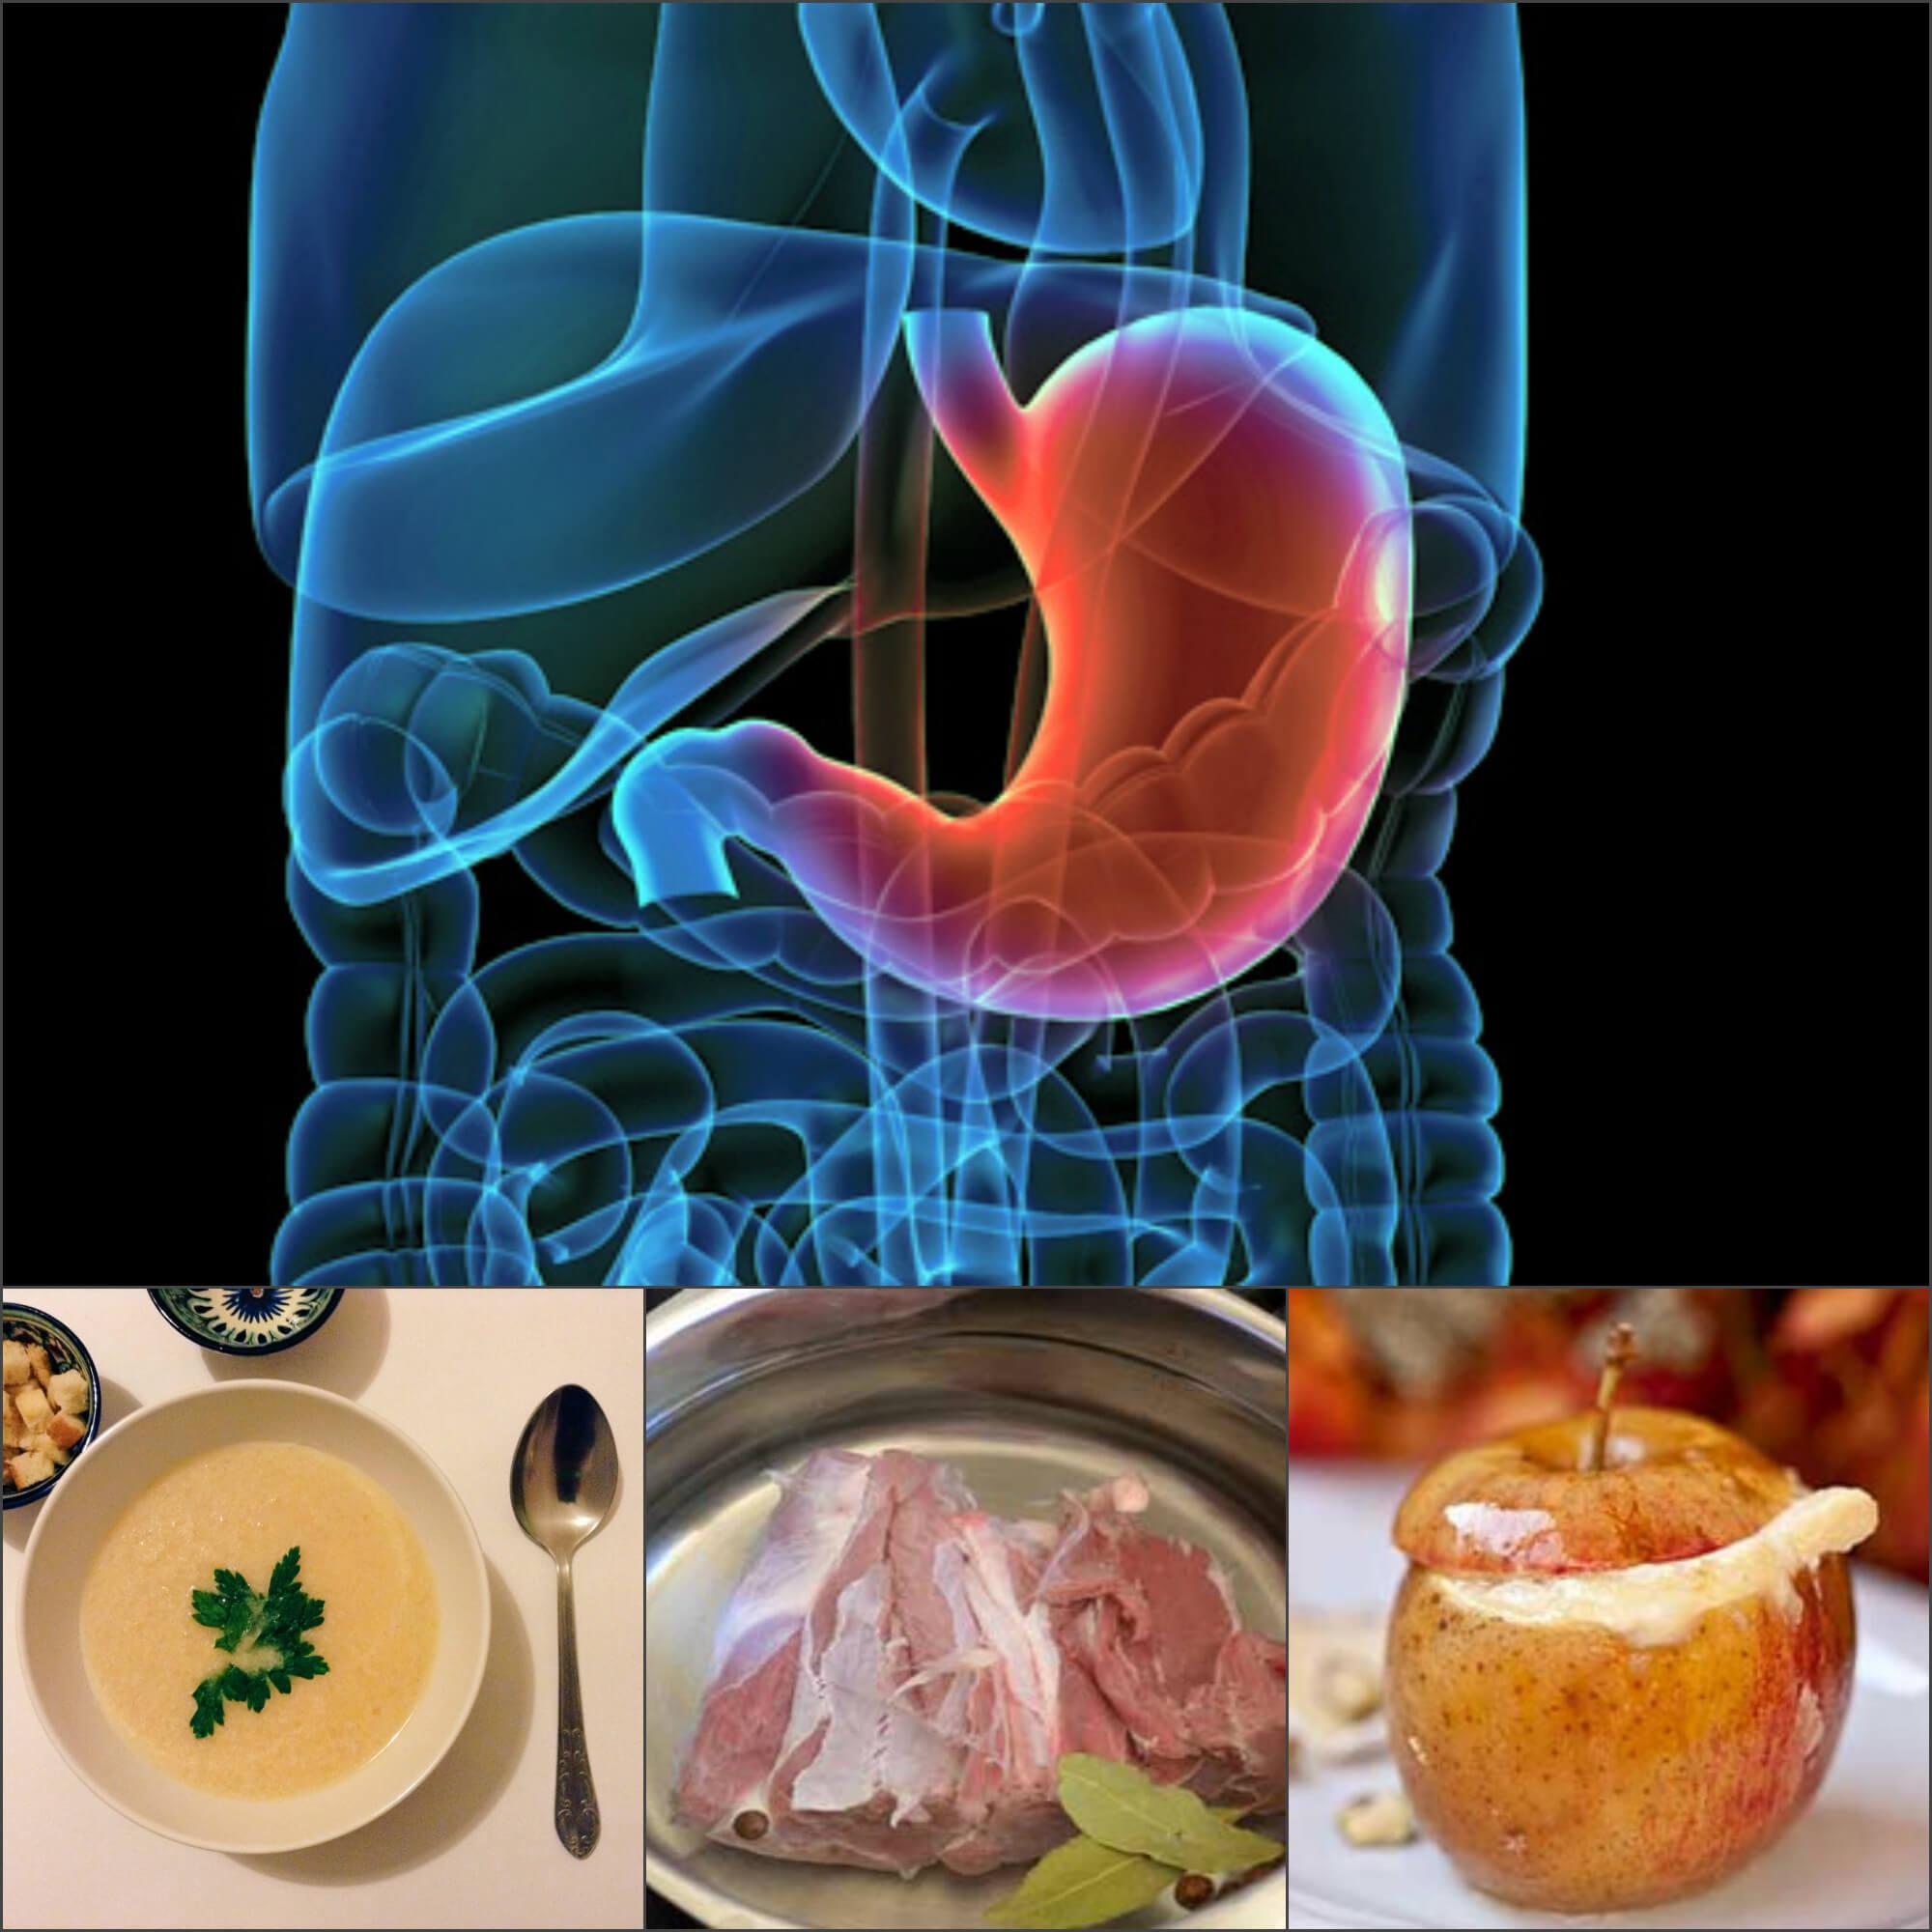 Симптомы, причины и лечение эрозии желудка диета